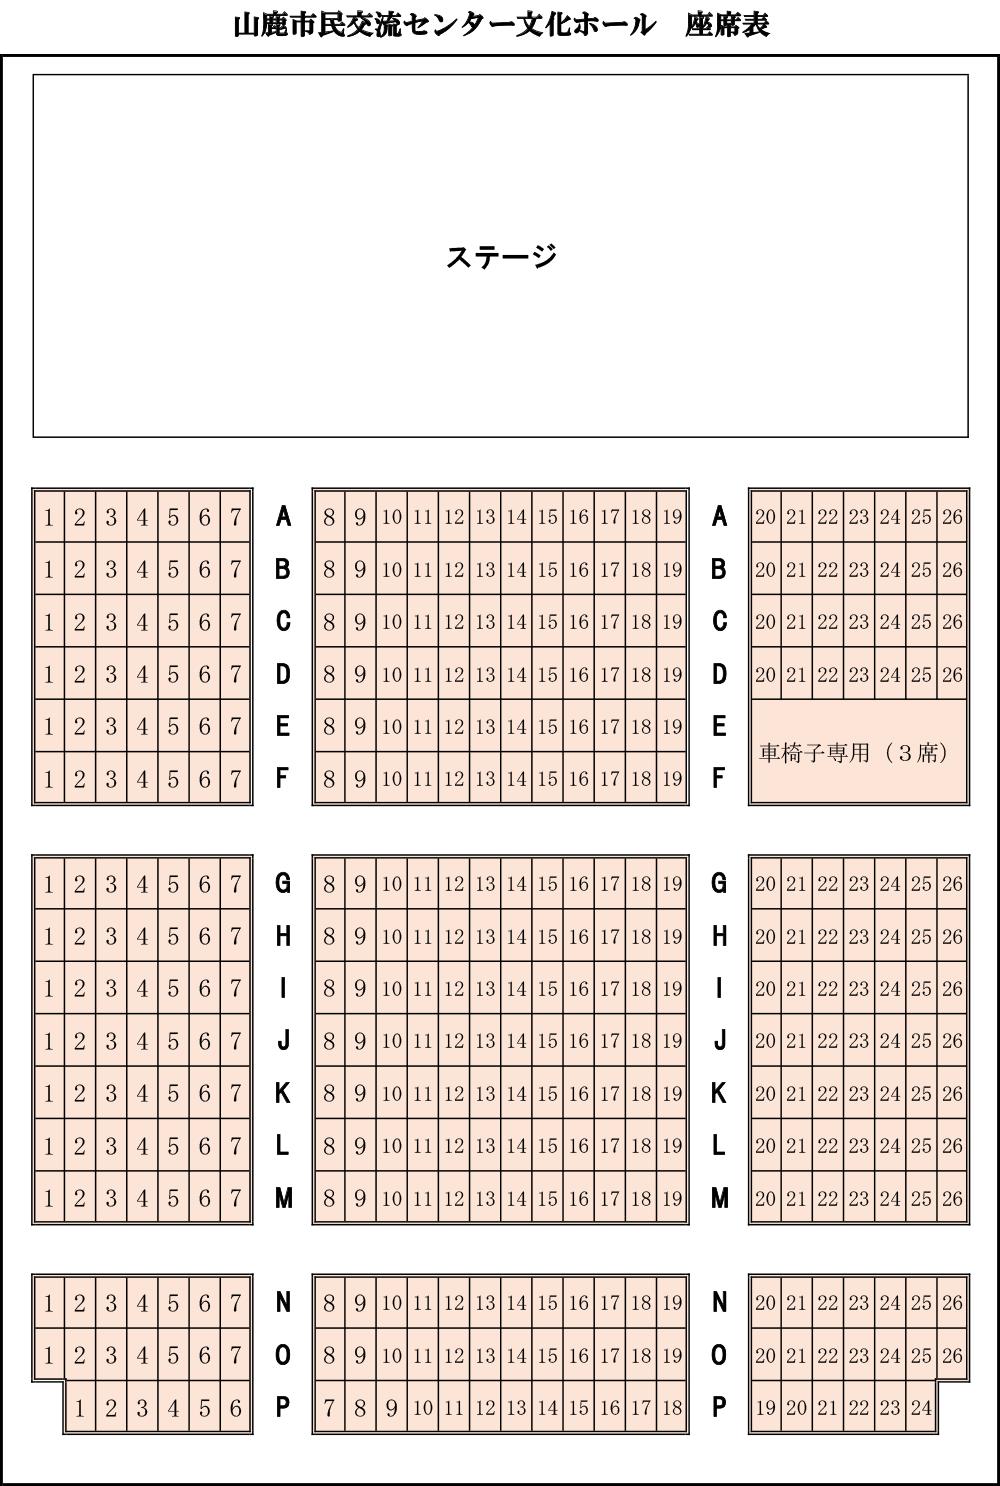 見取り図 座席表